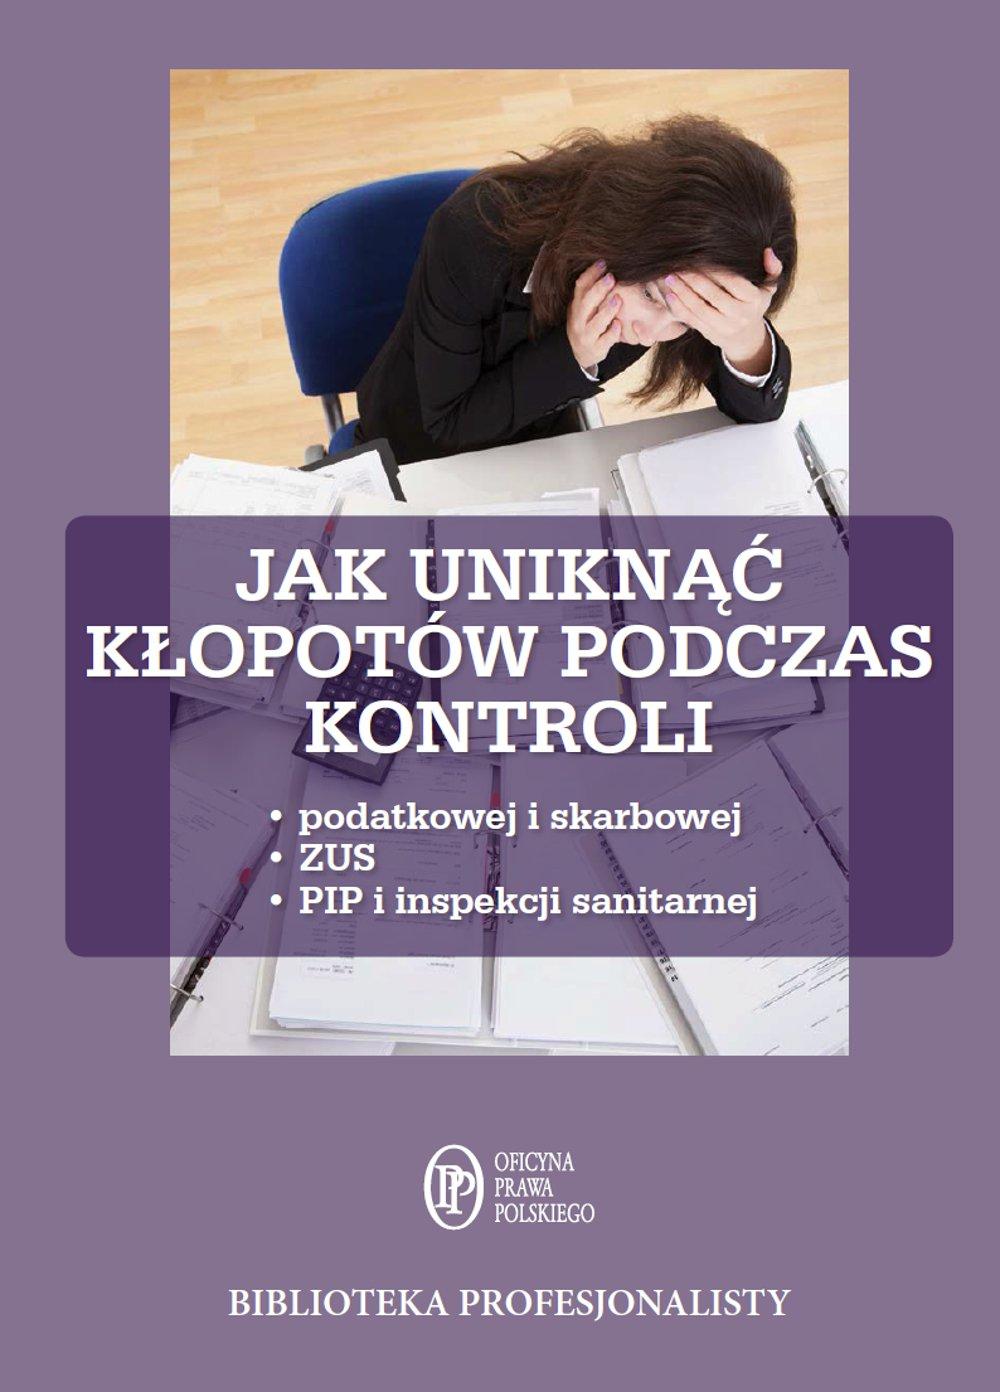 Jak uniknąć kłopotów podczas kontroli - Ebook (Książka na Kindle) do pobrania w formacie MOBI